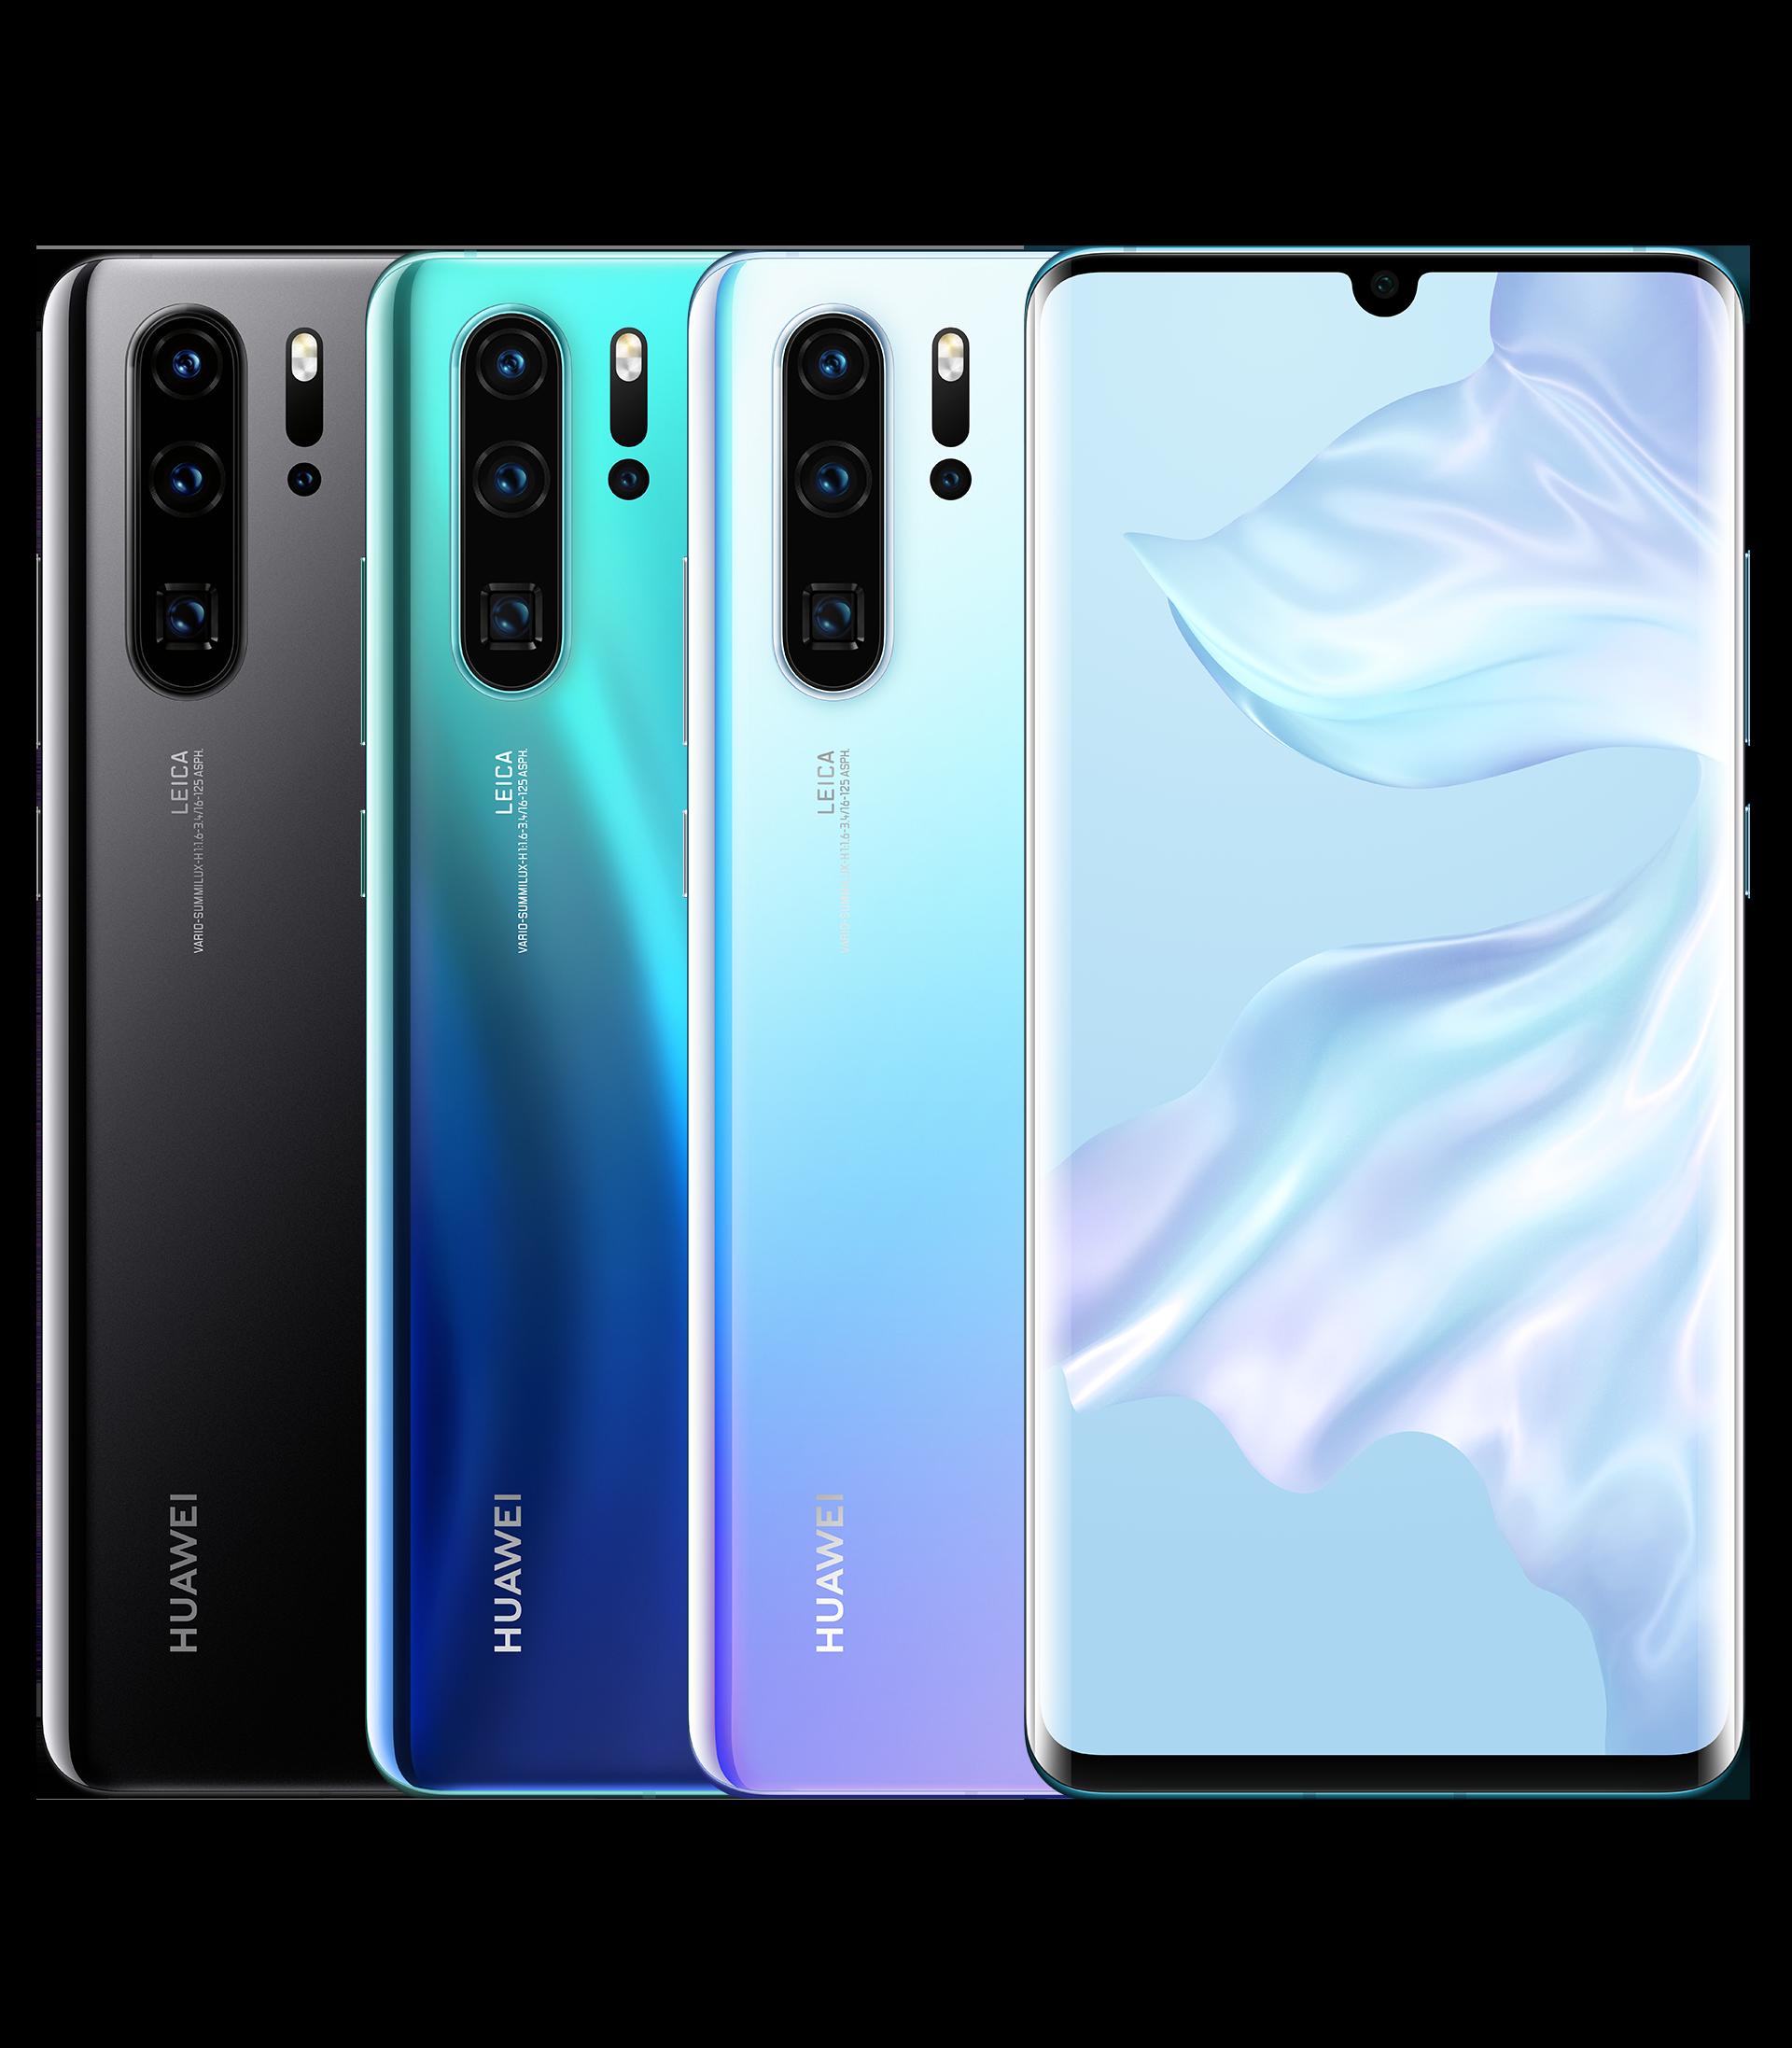 nd1 Netz: Welches Handynetz nutzt 11 im Mai 2019?